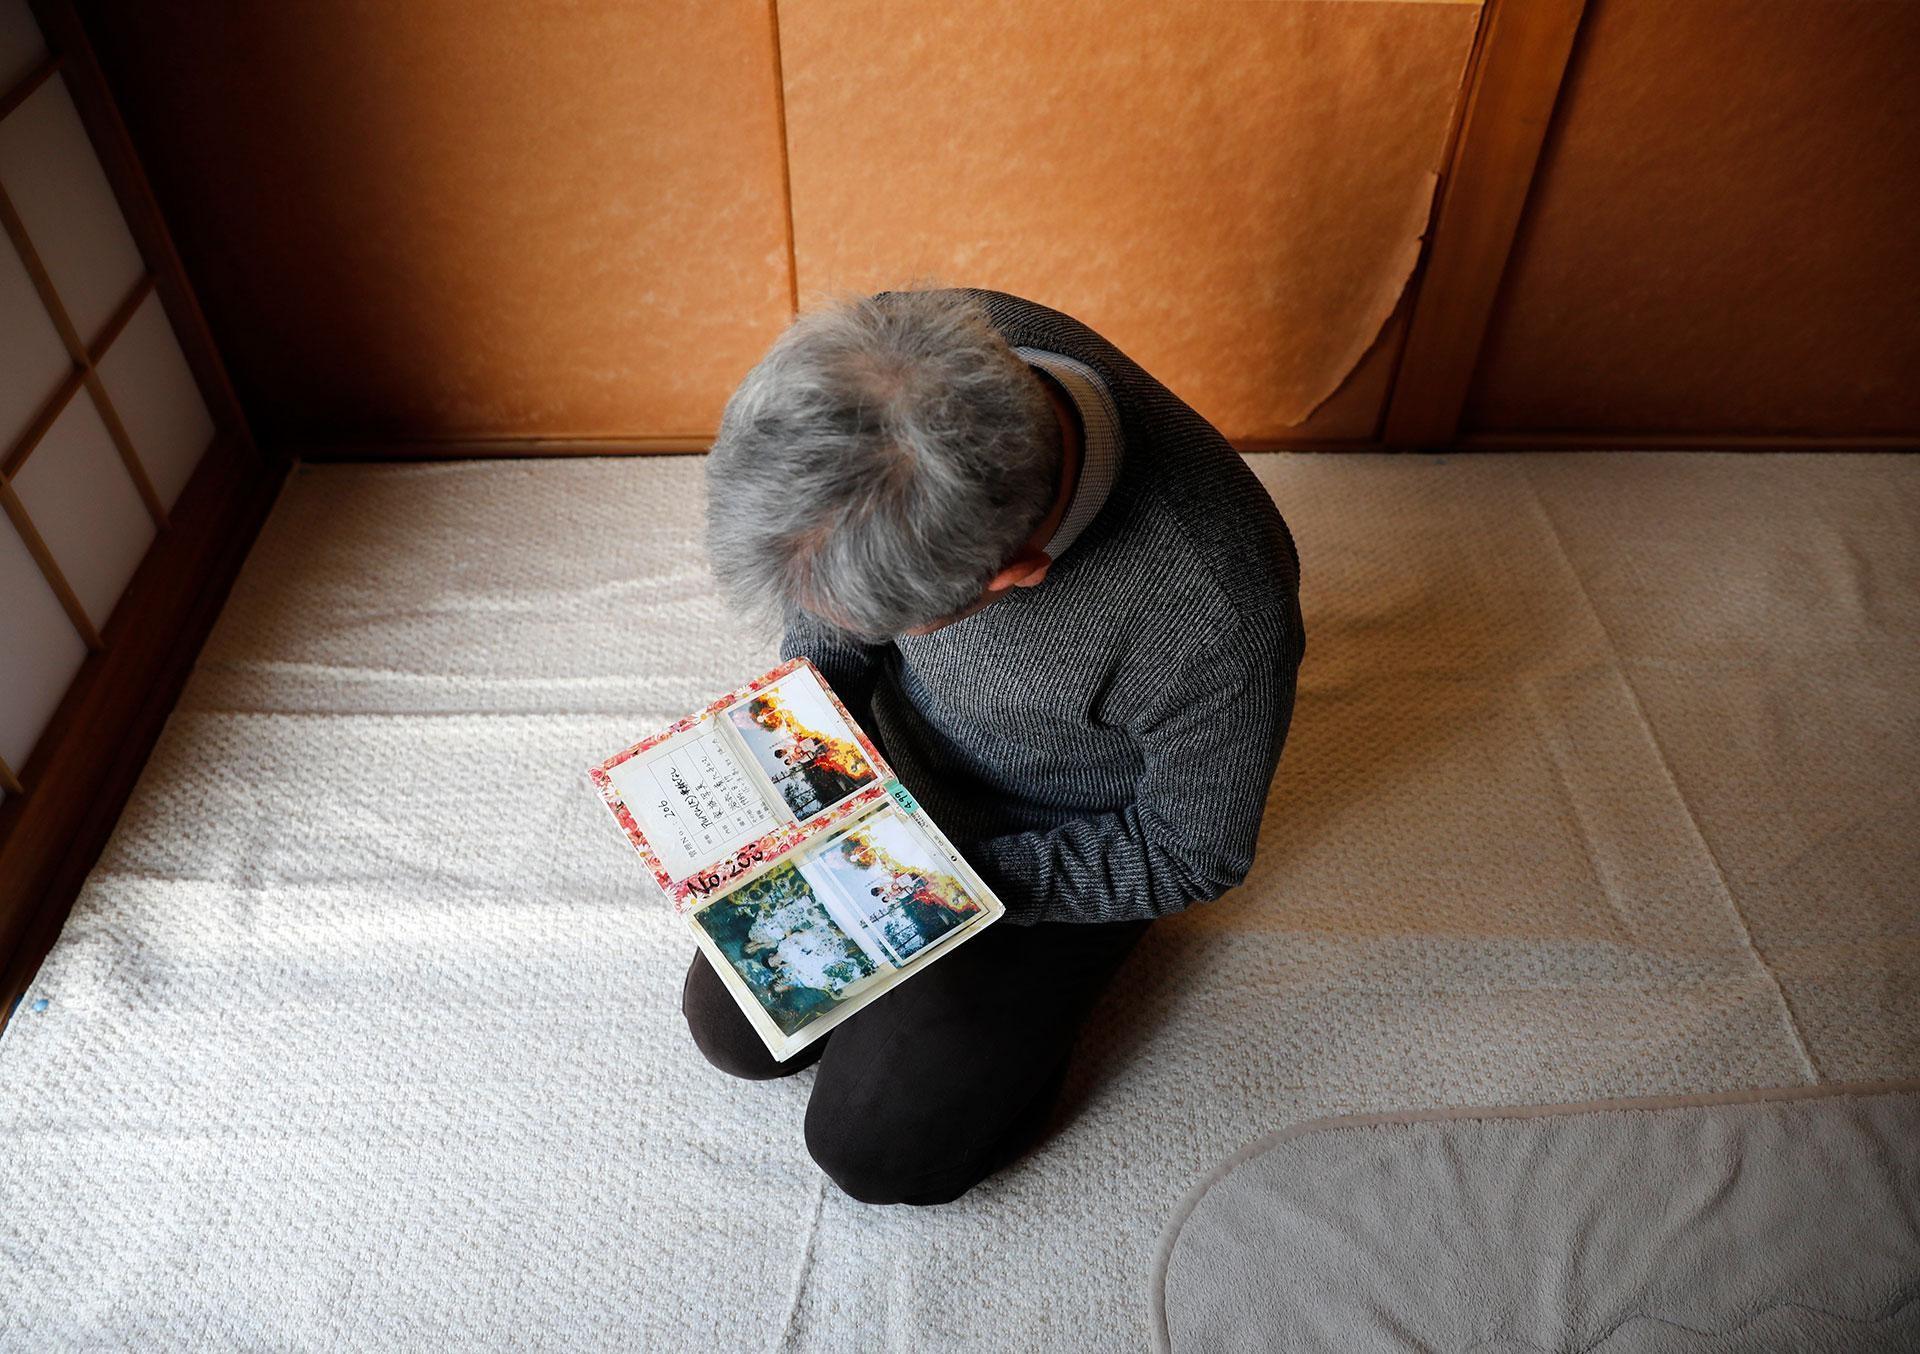 Nỗi buồn khôn nguôi của người sống sót sau thảm họa sóng thần ở Nhật Bản ảnh 3